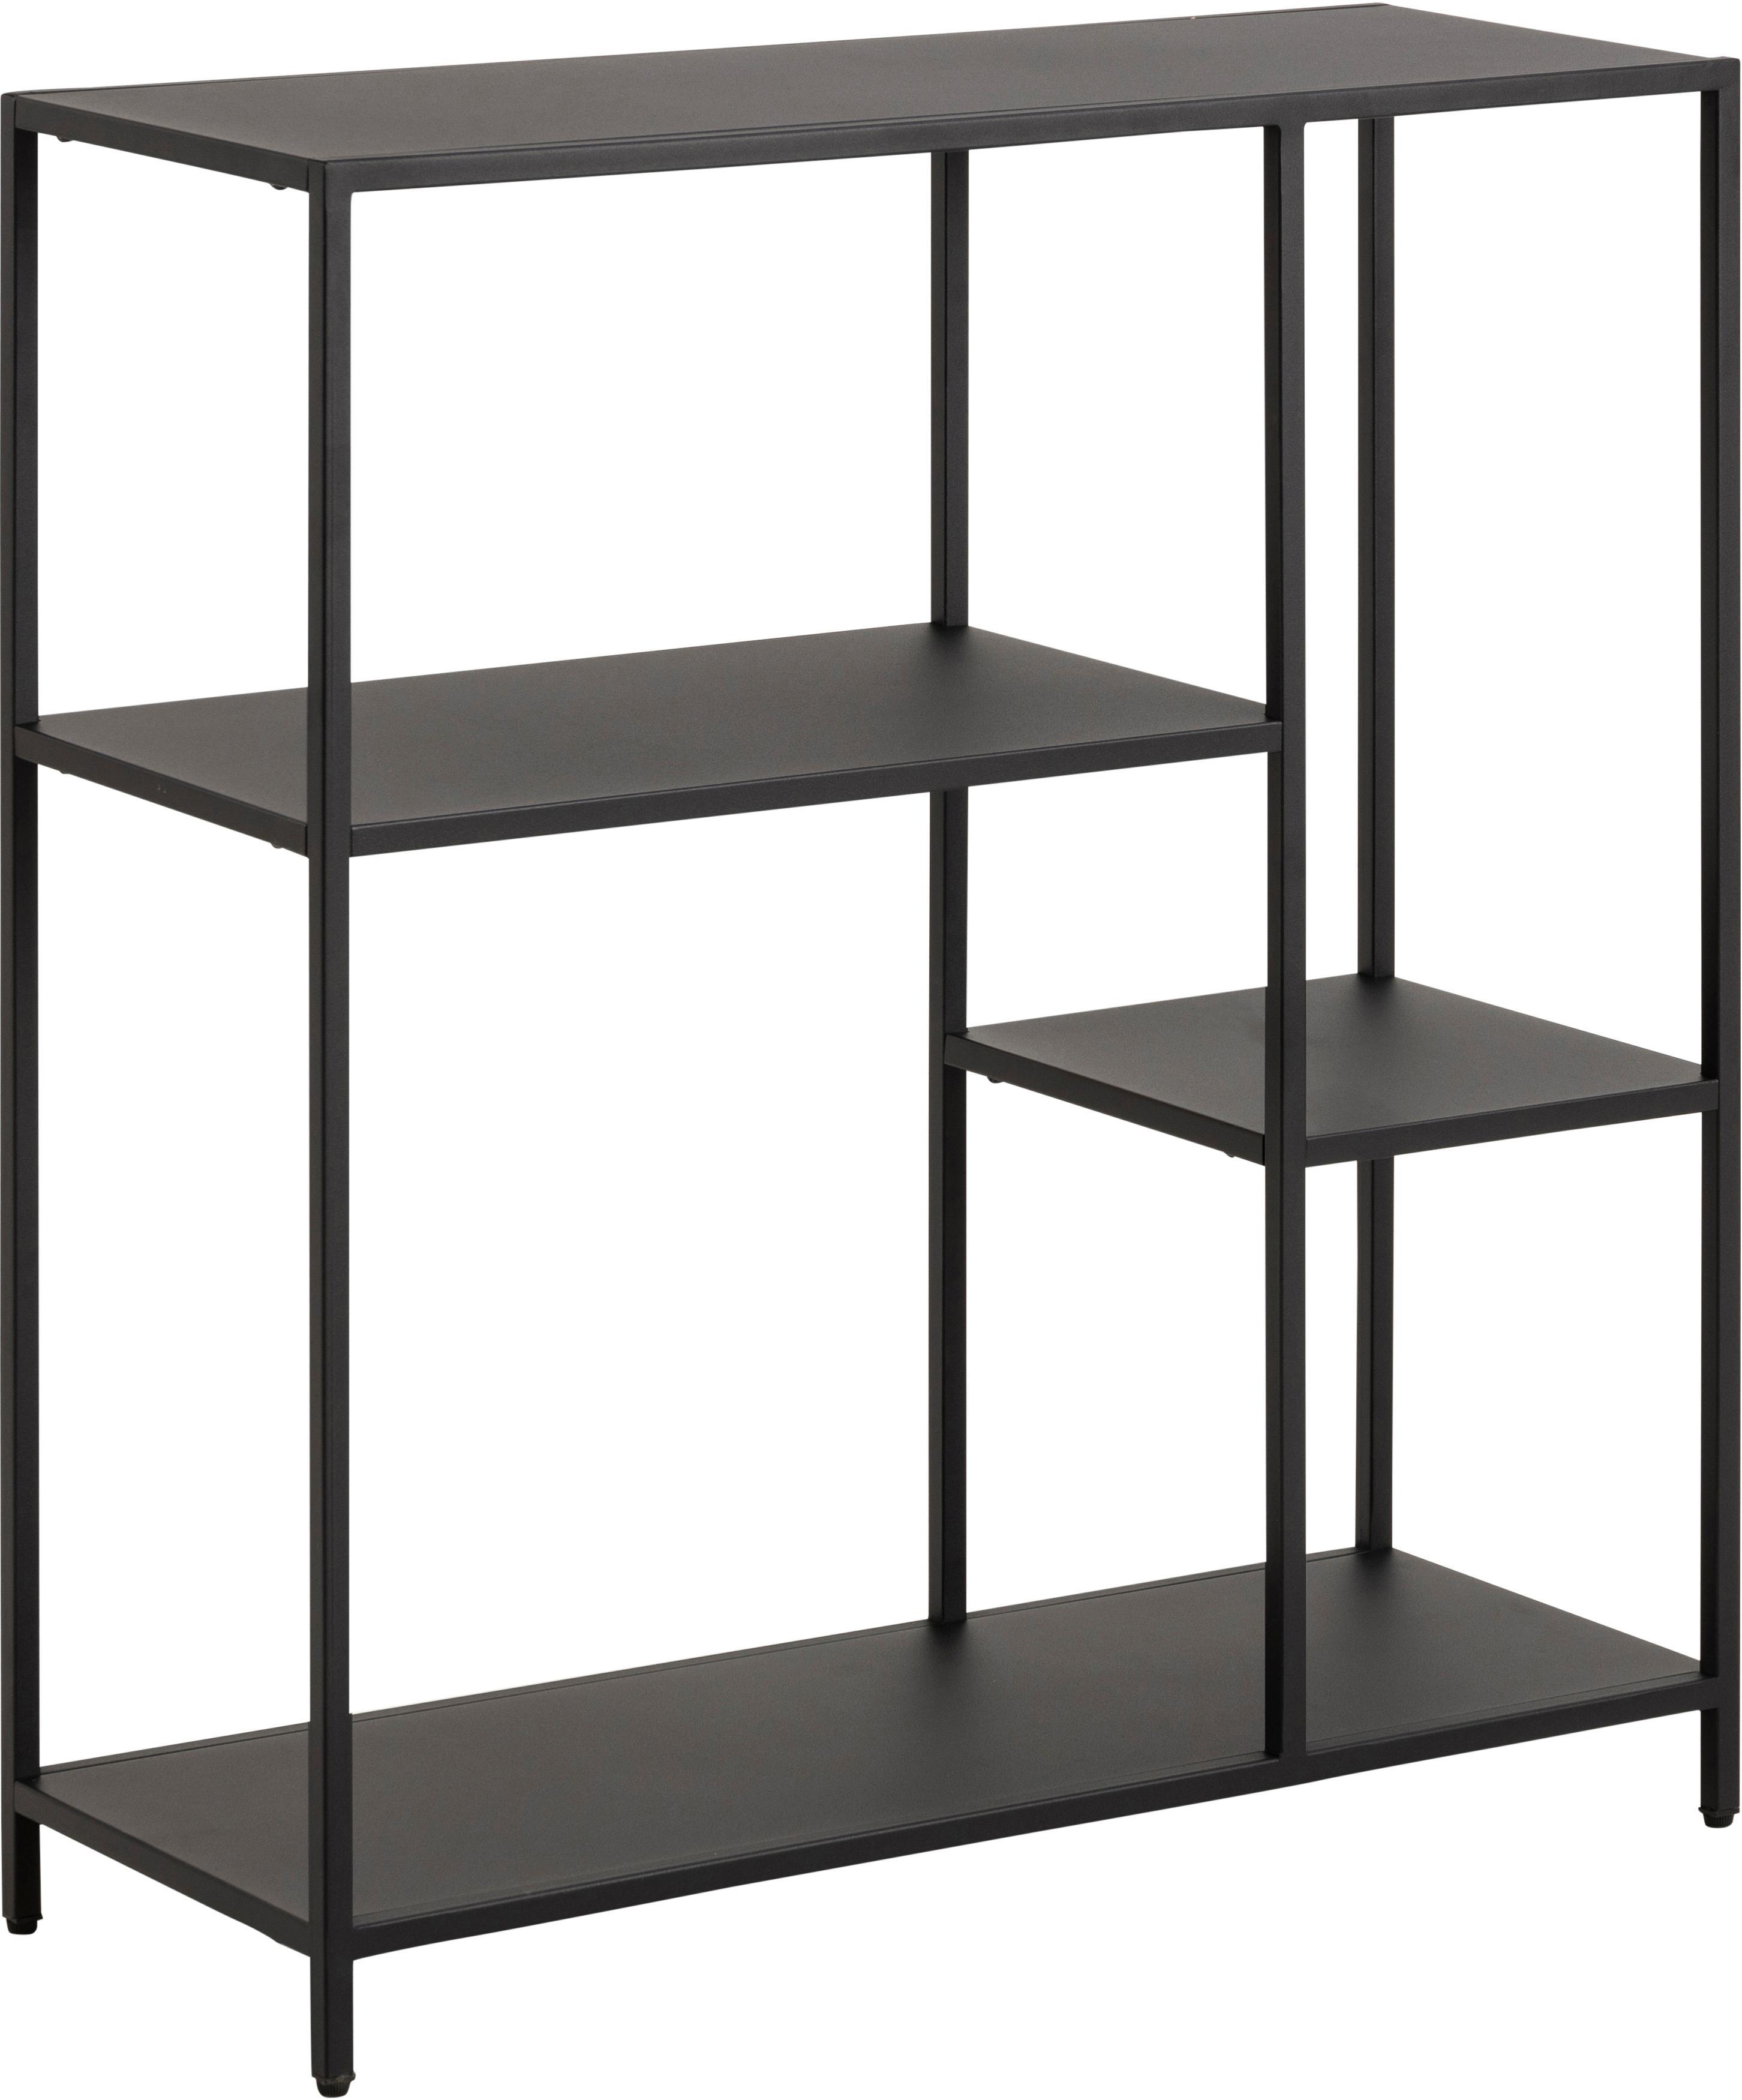 Zwarte metalen stellingkast Newton, Gepoedercoat metaal, Zwart, 80 x 80 cm